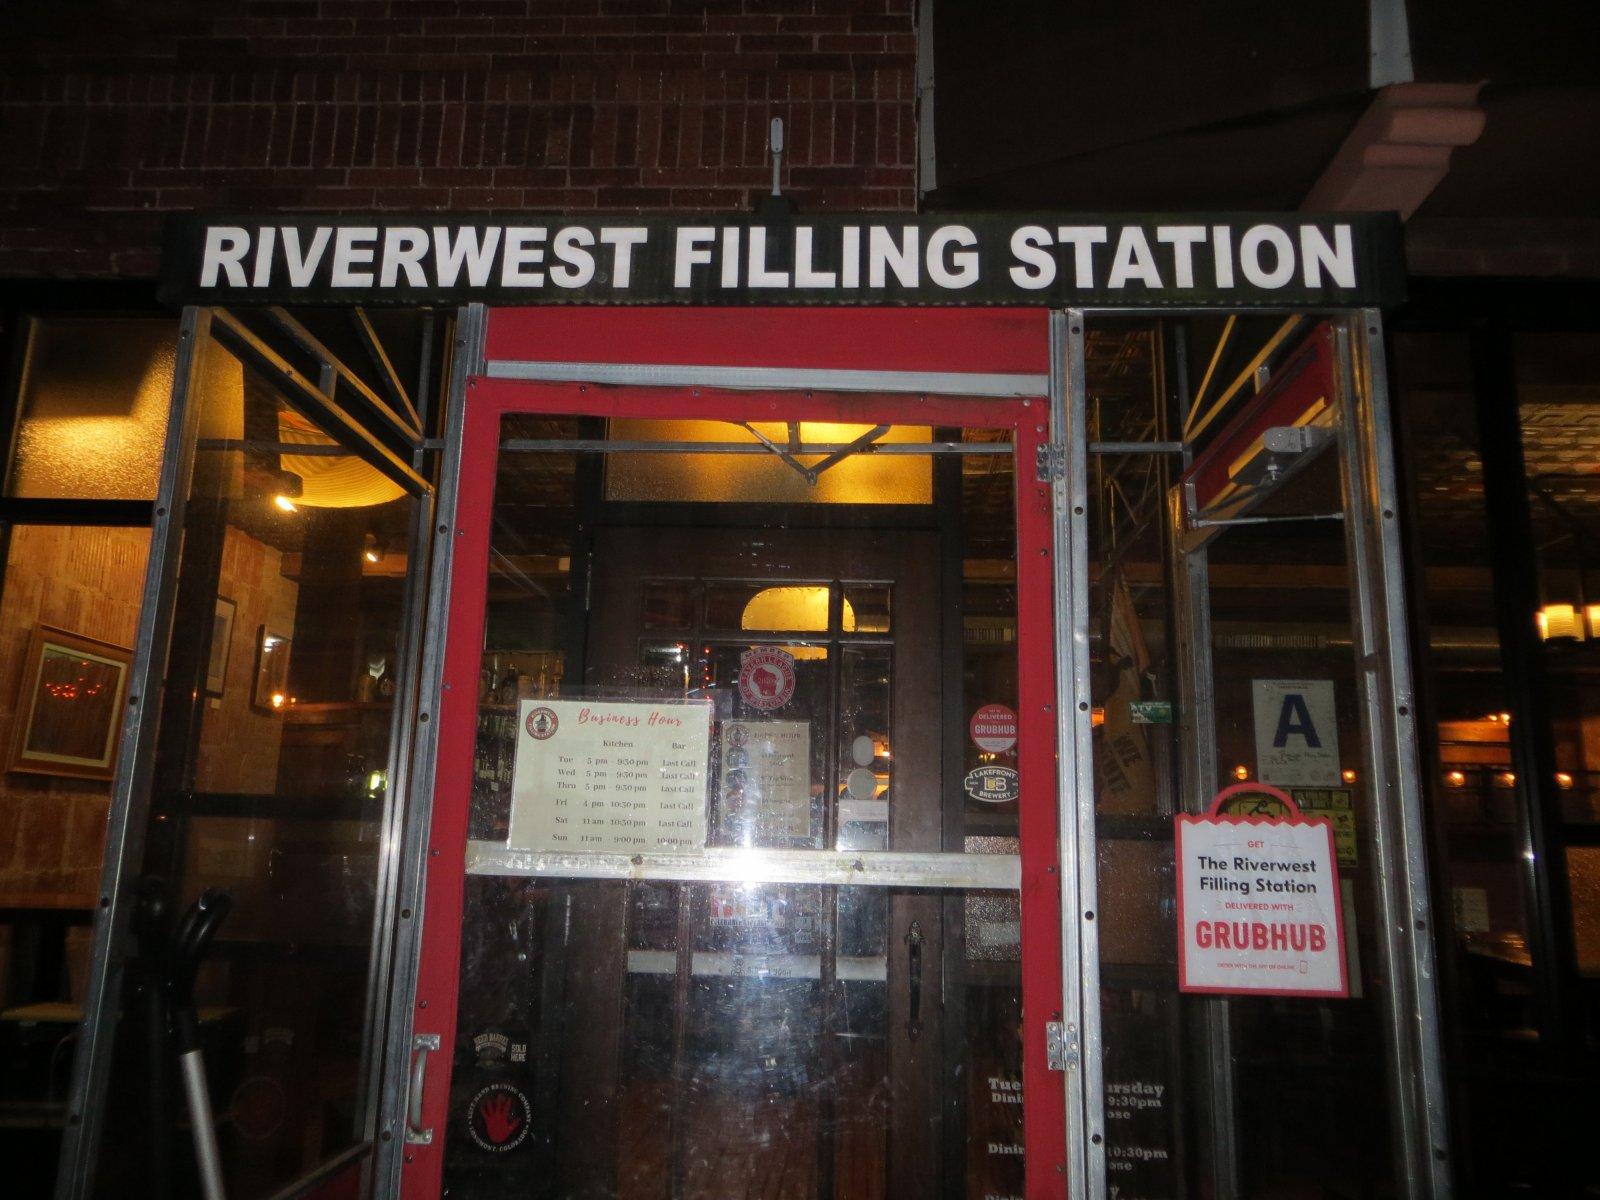 Riverwest Filling Station